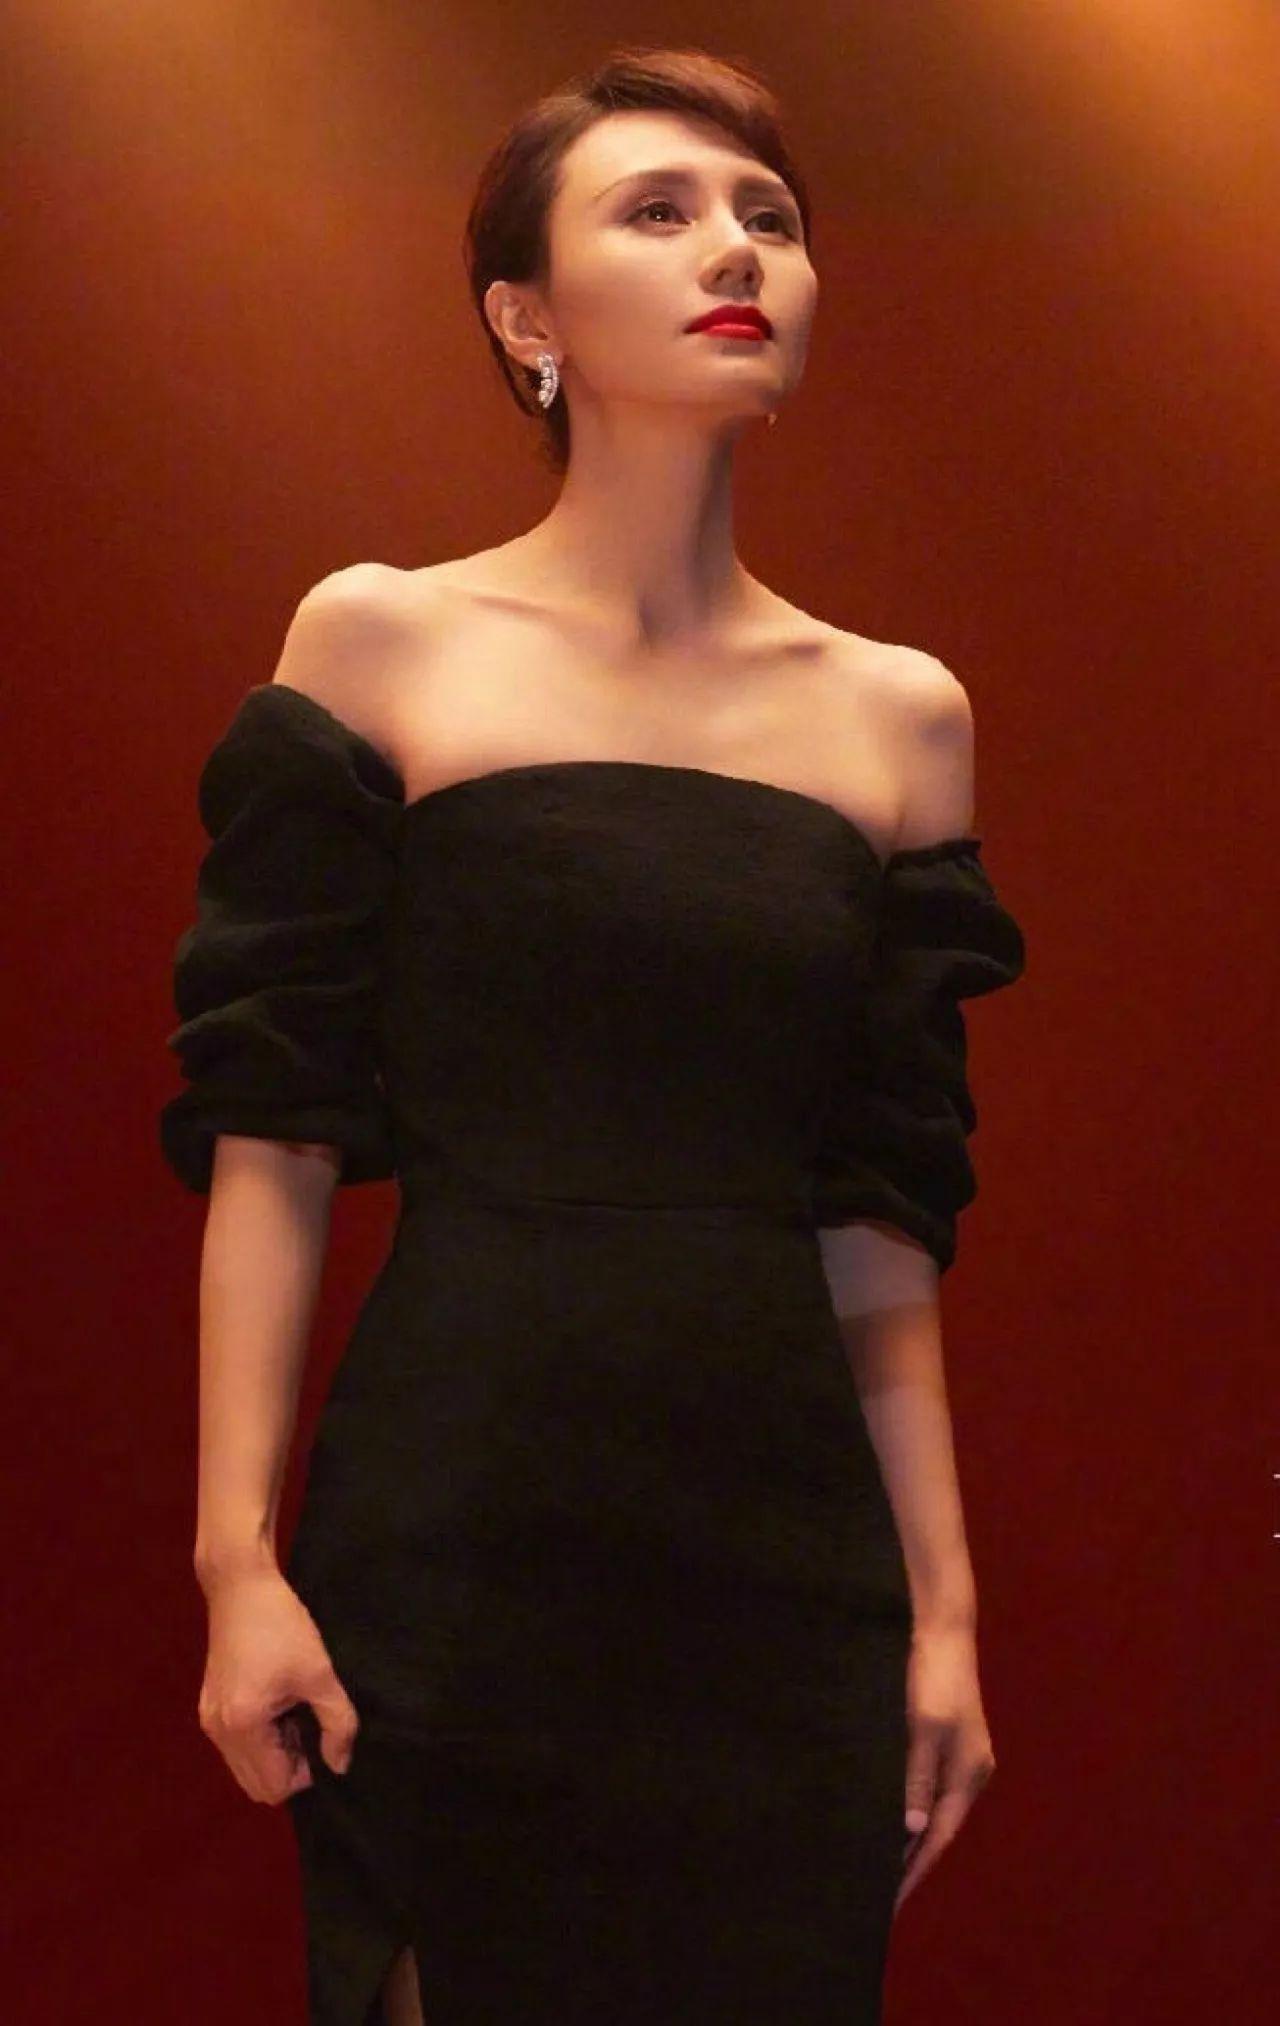 袁泉徐静蕾俞飞鸿:女人的高级美从何而来?